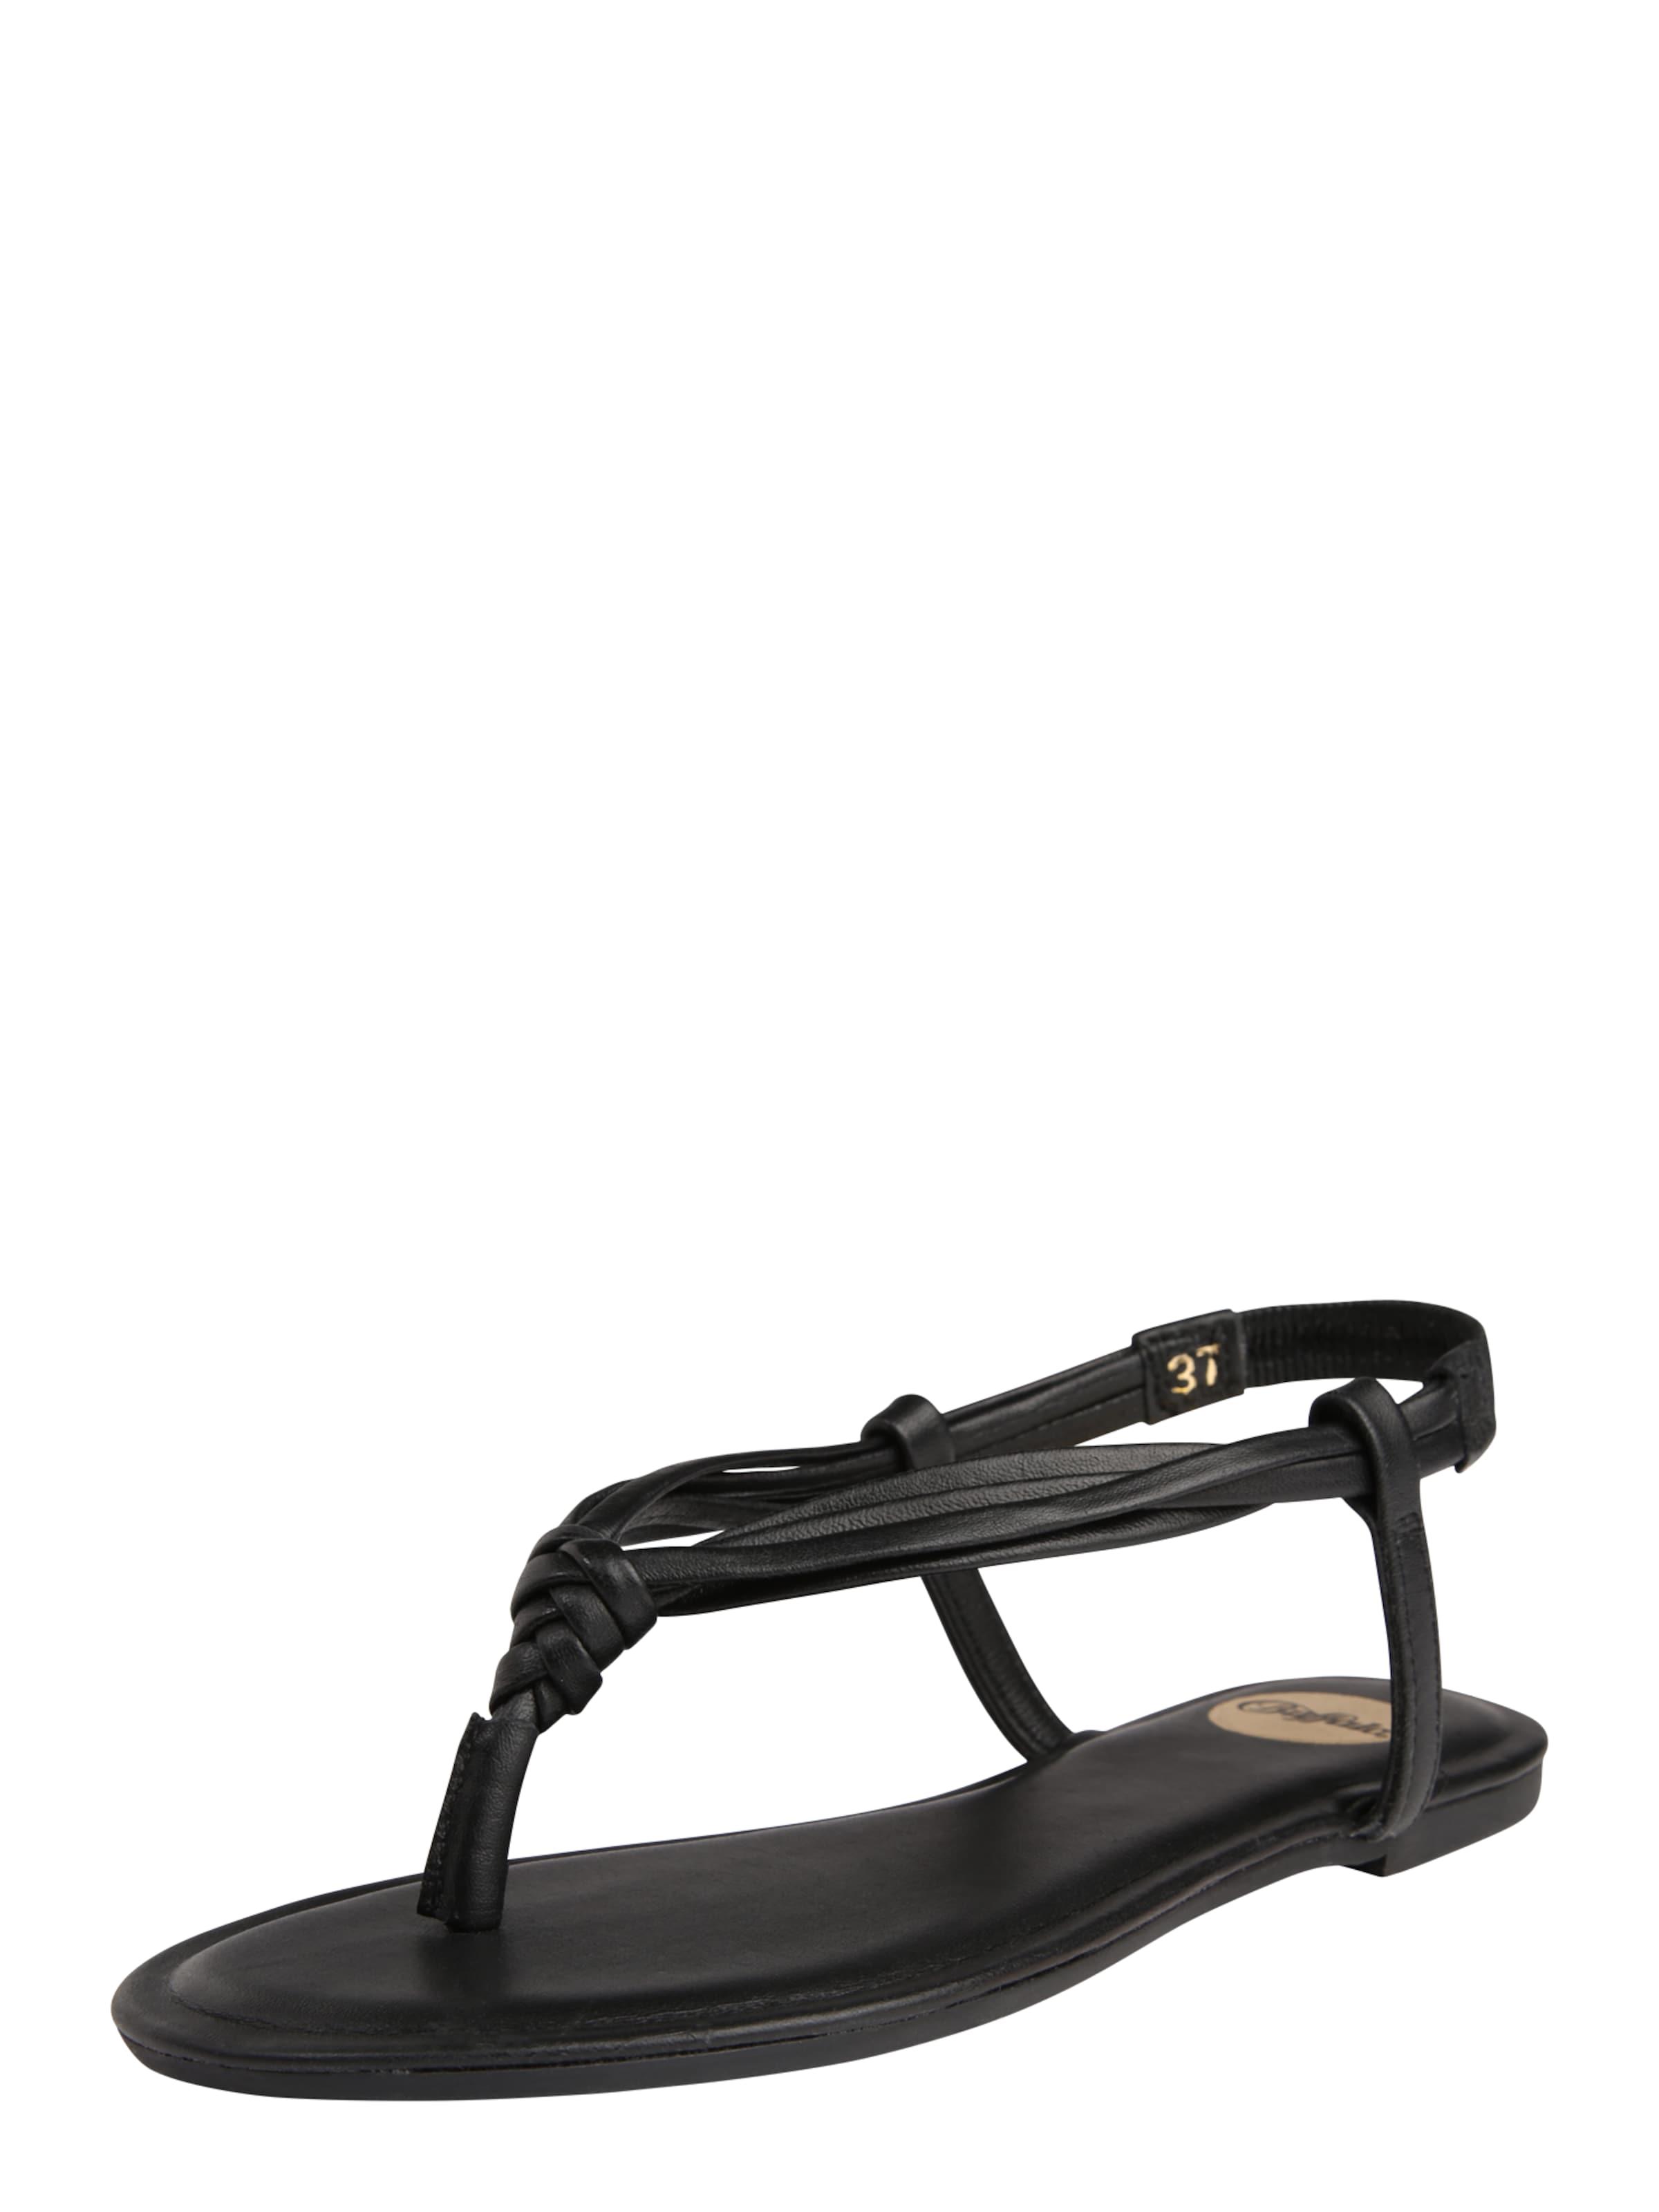 BUFFALO Zehtrenner-Sandale Verschleißfeste billige Schuhe Hohe Qualität